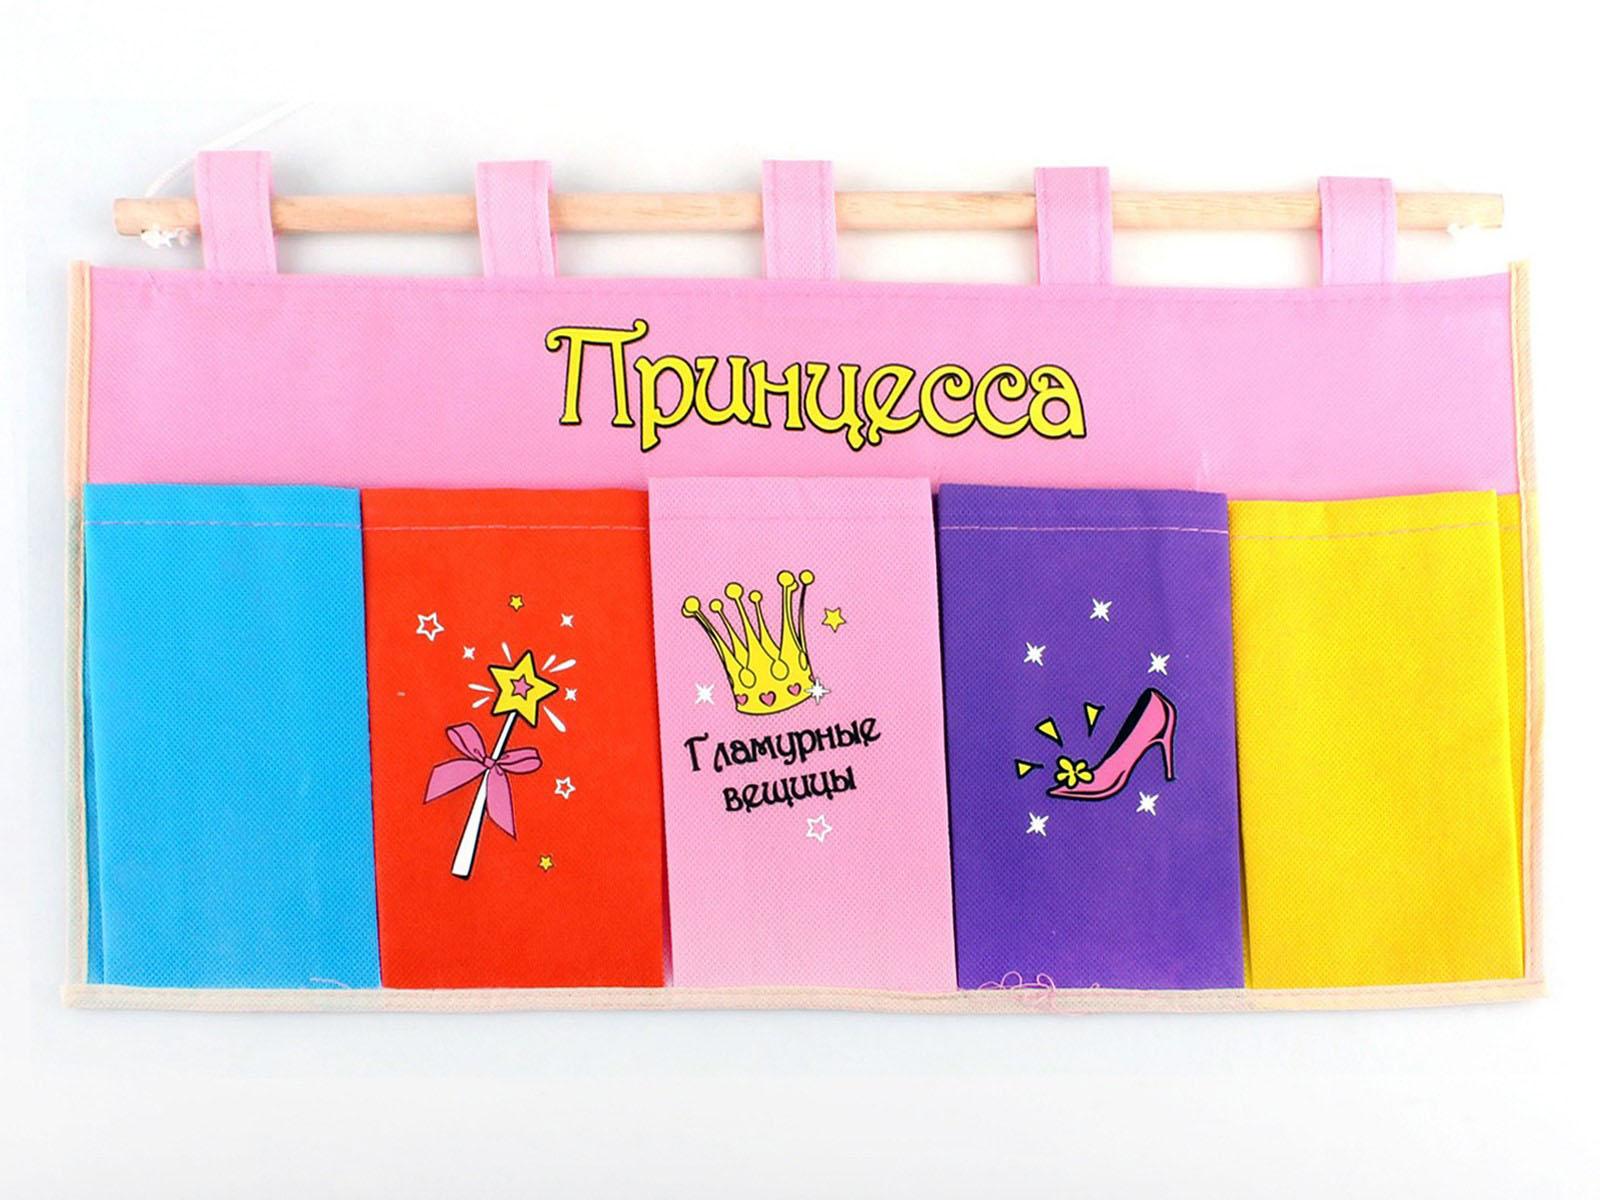 Кармашки на стену Sima-land Принцесса, цвет: голубой, красный, розовый, 5 шт670607Кармашки на стену «Принцесса» предназначены для хранения необходимых вещей, множества мелочей в гардеробной, ванной, детской комнатах. Изделие выполнено из текстиля и представляет собой 5 сшитых между собой кармашков на ткани, которые, благодаря 5 петелькам, куда просовывается деревянная палочка на веревке, можно повесить в необходимом для вас и вашего ребенка месте. На кармашках имеются изображения в виде туфельки, волшебной палочки, короны и надпись «Принцесса». Этот нужный предмет может стать одновременно и декоративным элементом комнаты. Яркий текстиль, как ничто иное, способен оживить интерьер вашего жилища и сделает каждый день ярче и радостнее.